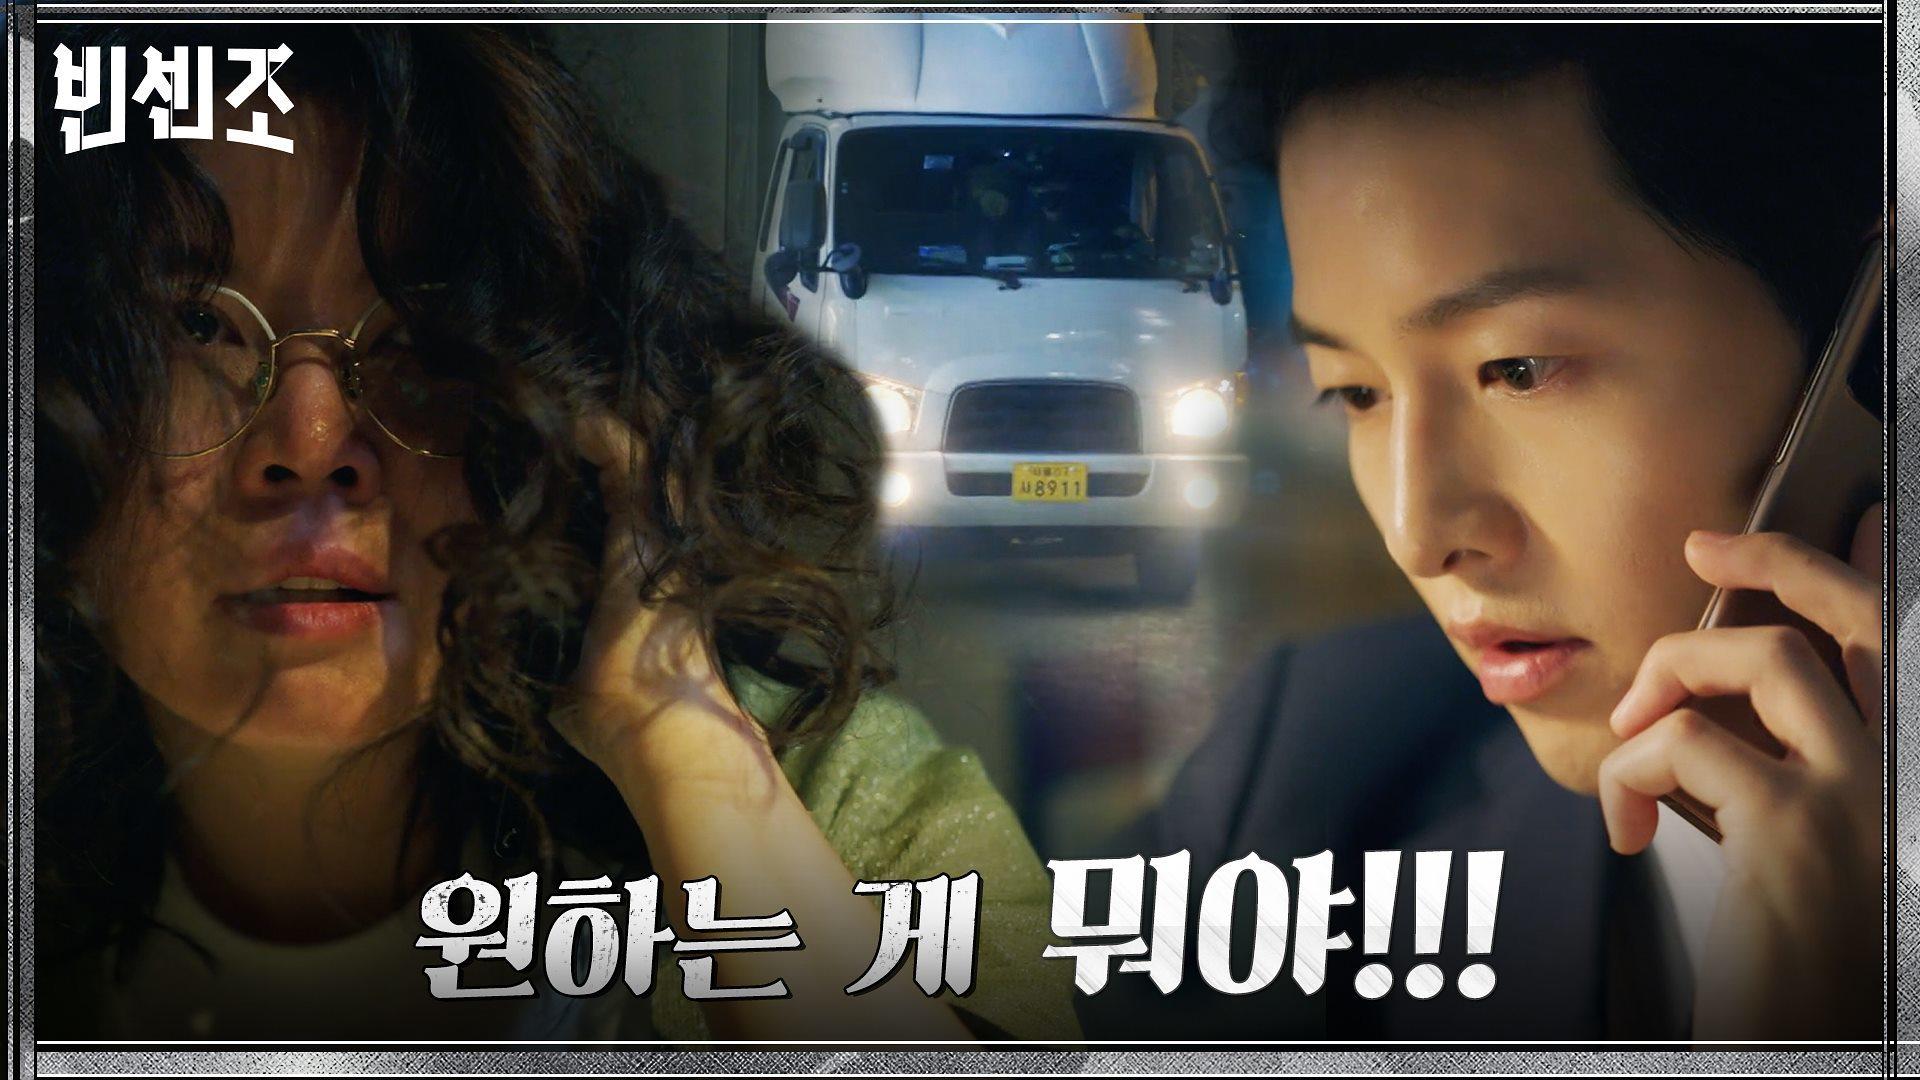 눈에는 눈, 이에는 이! 받은만큼 되돌려 주는 송중기식 경고 | tvN 210228 방송